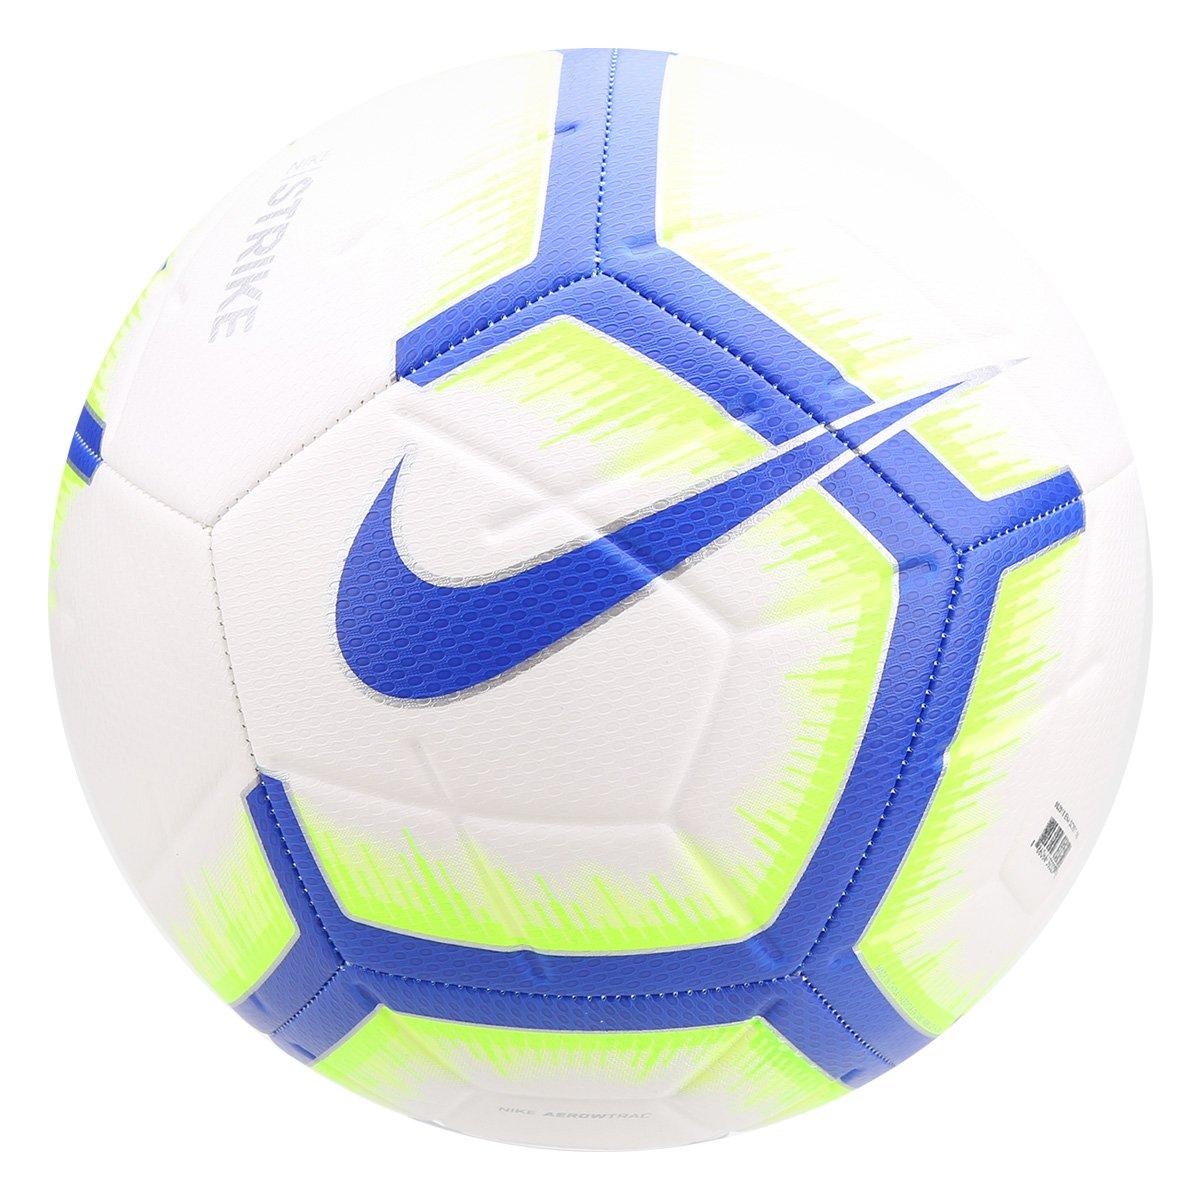 109251aea Bola de Futebol Campo Réplica Brasil CBF Nike Strike - Branco e Azul -  Compre Agora